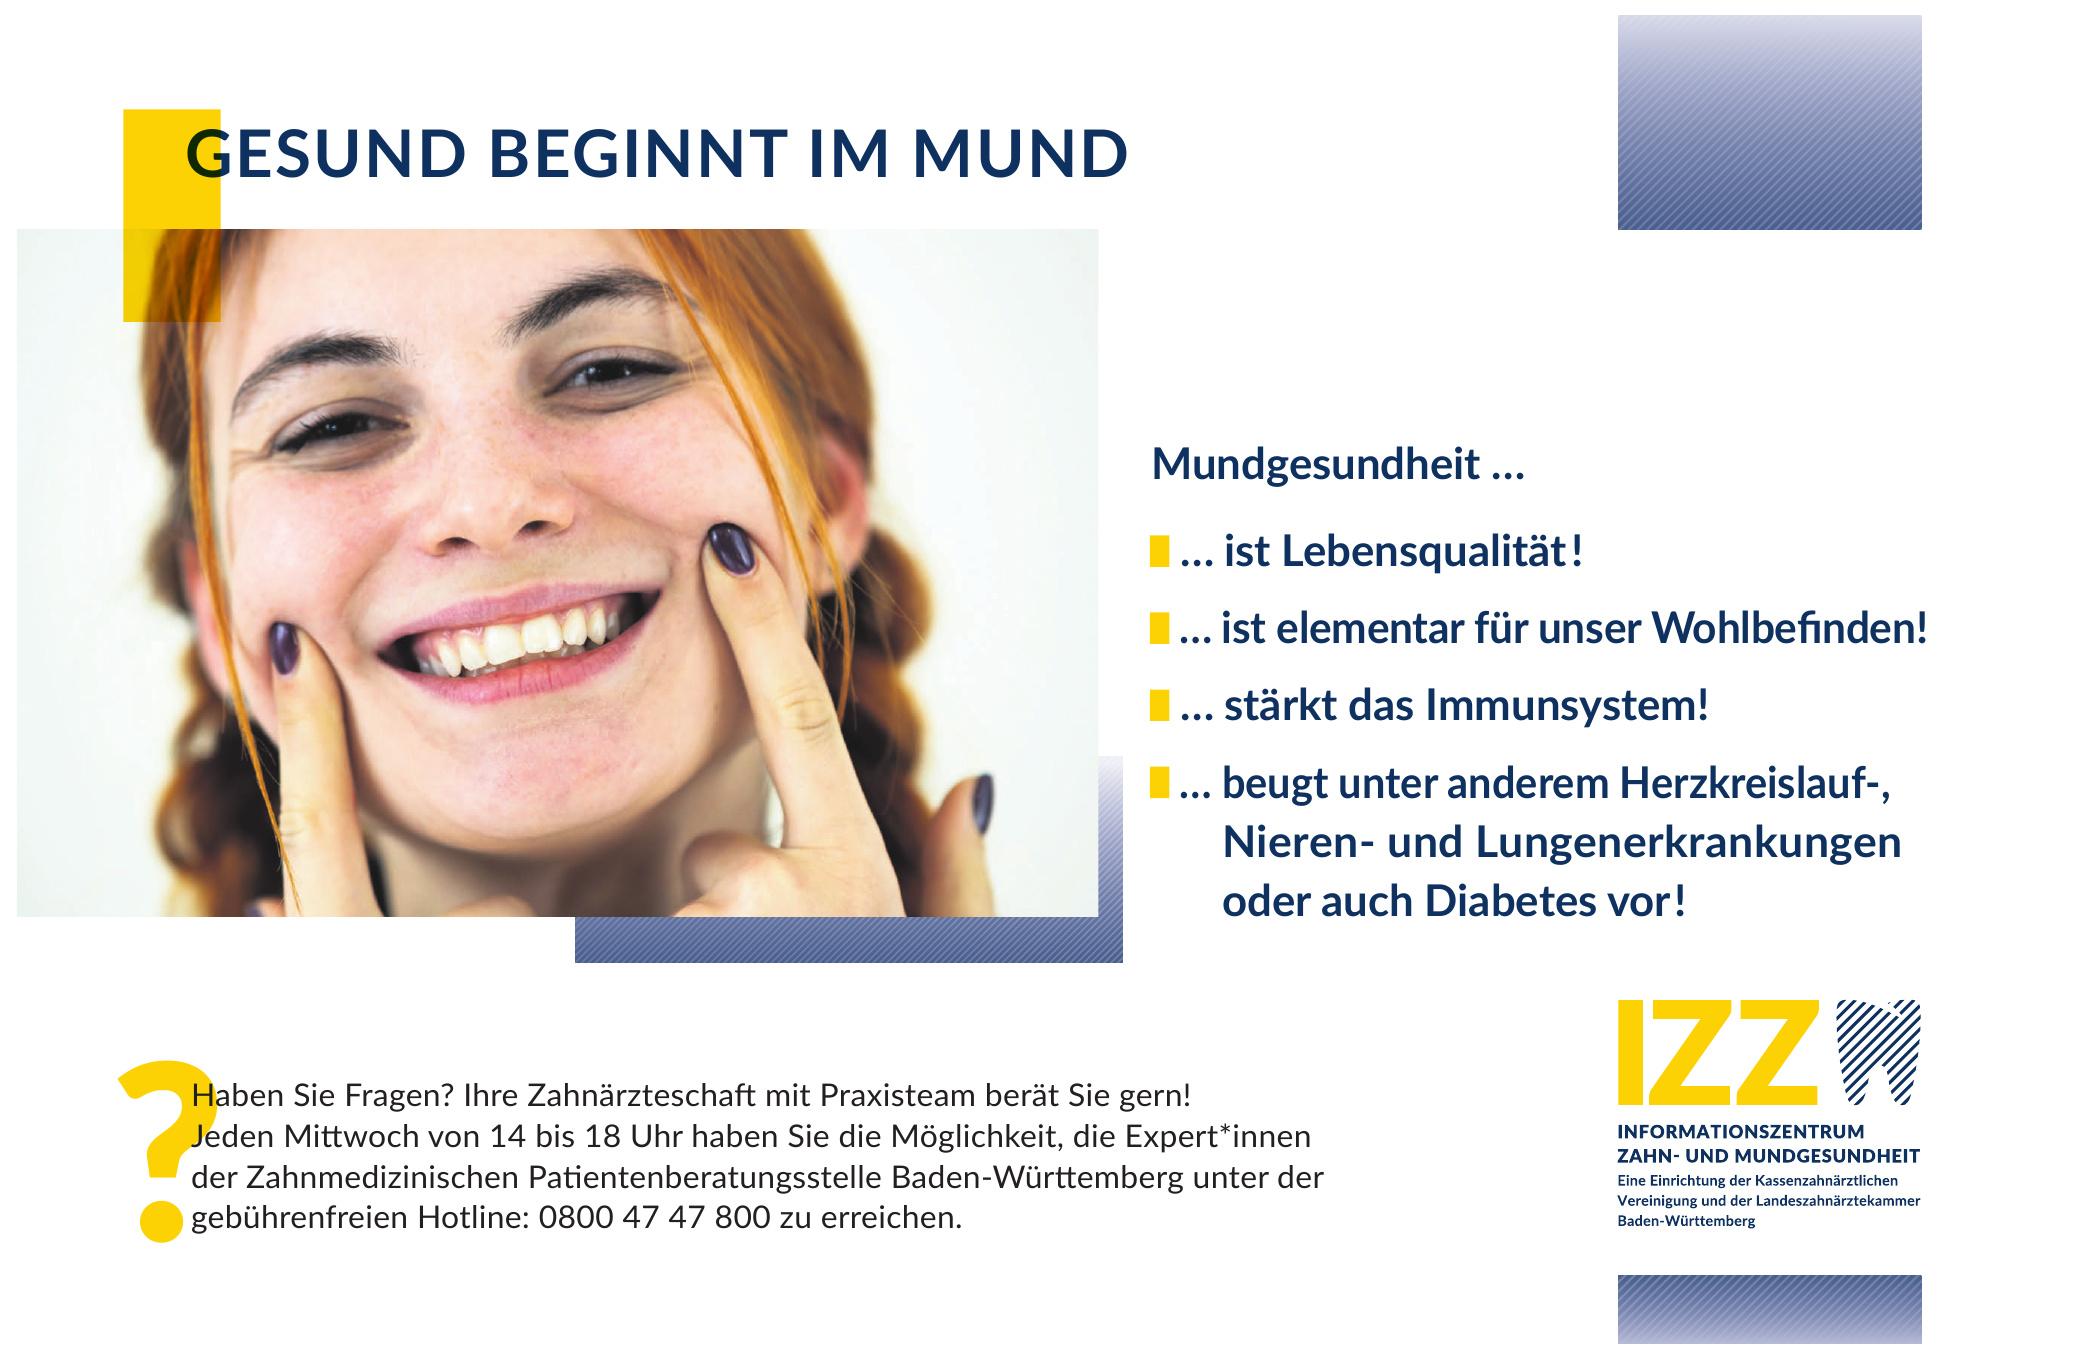 Informationszentrum Zahn- und Mundgesundheit Baden-Württemberg (IZZ)